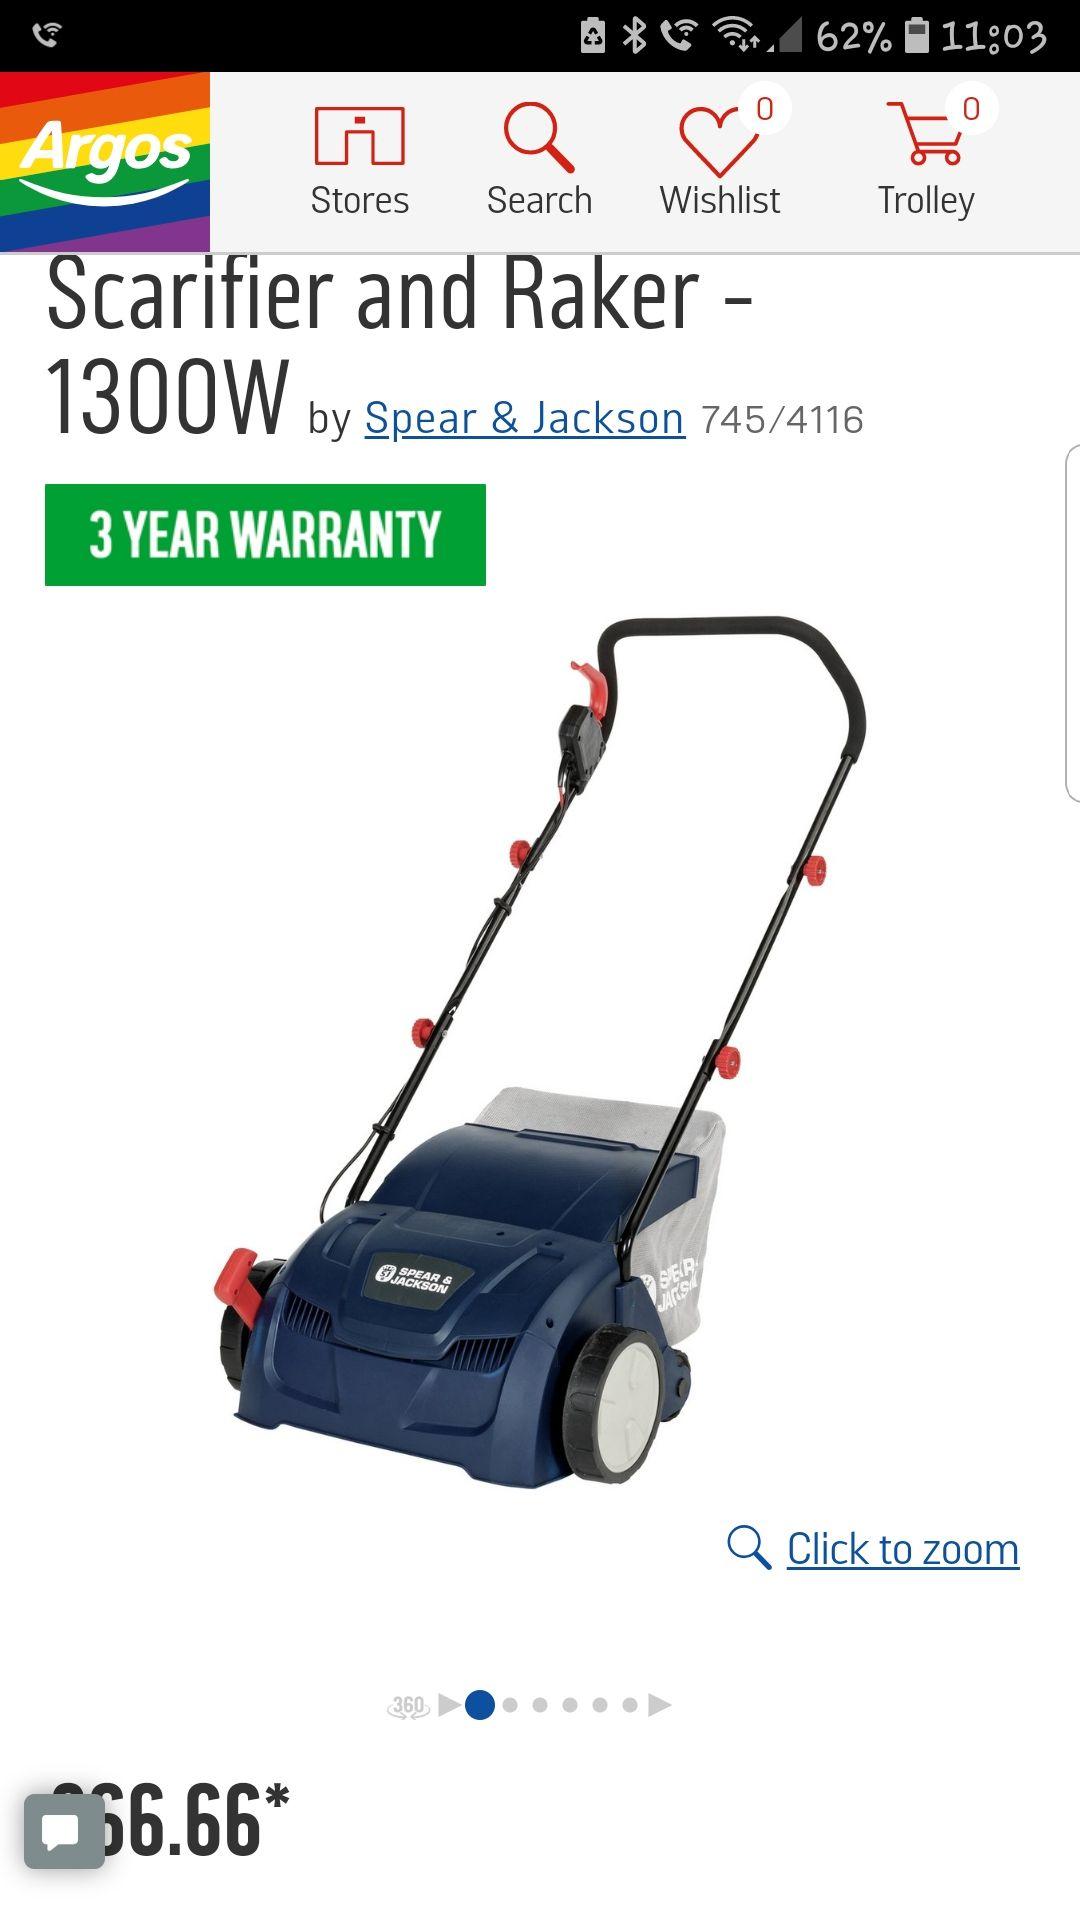 Spear & Jackson electric rake and scarifier £66.66 @ Argos